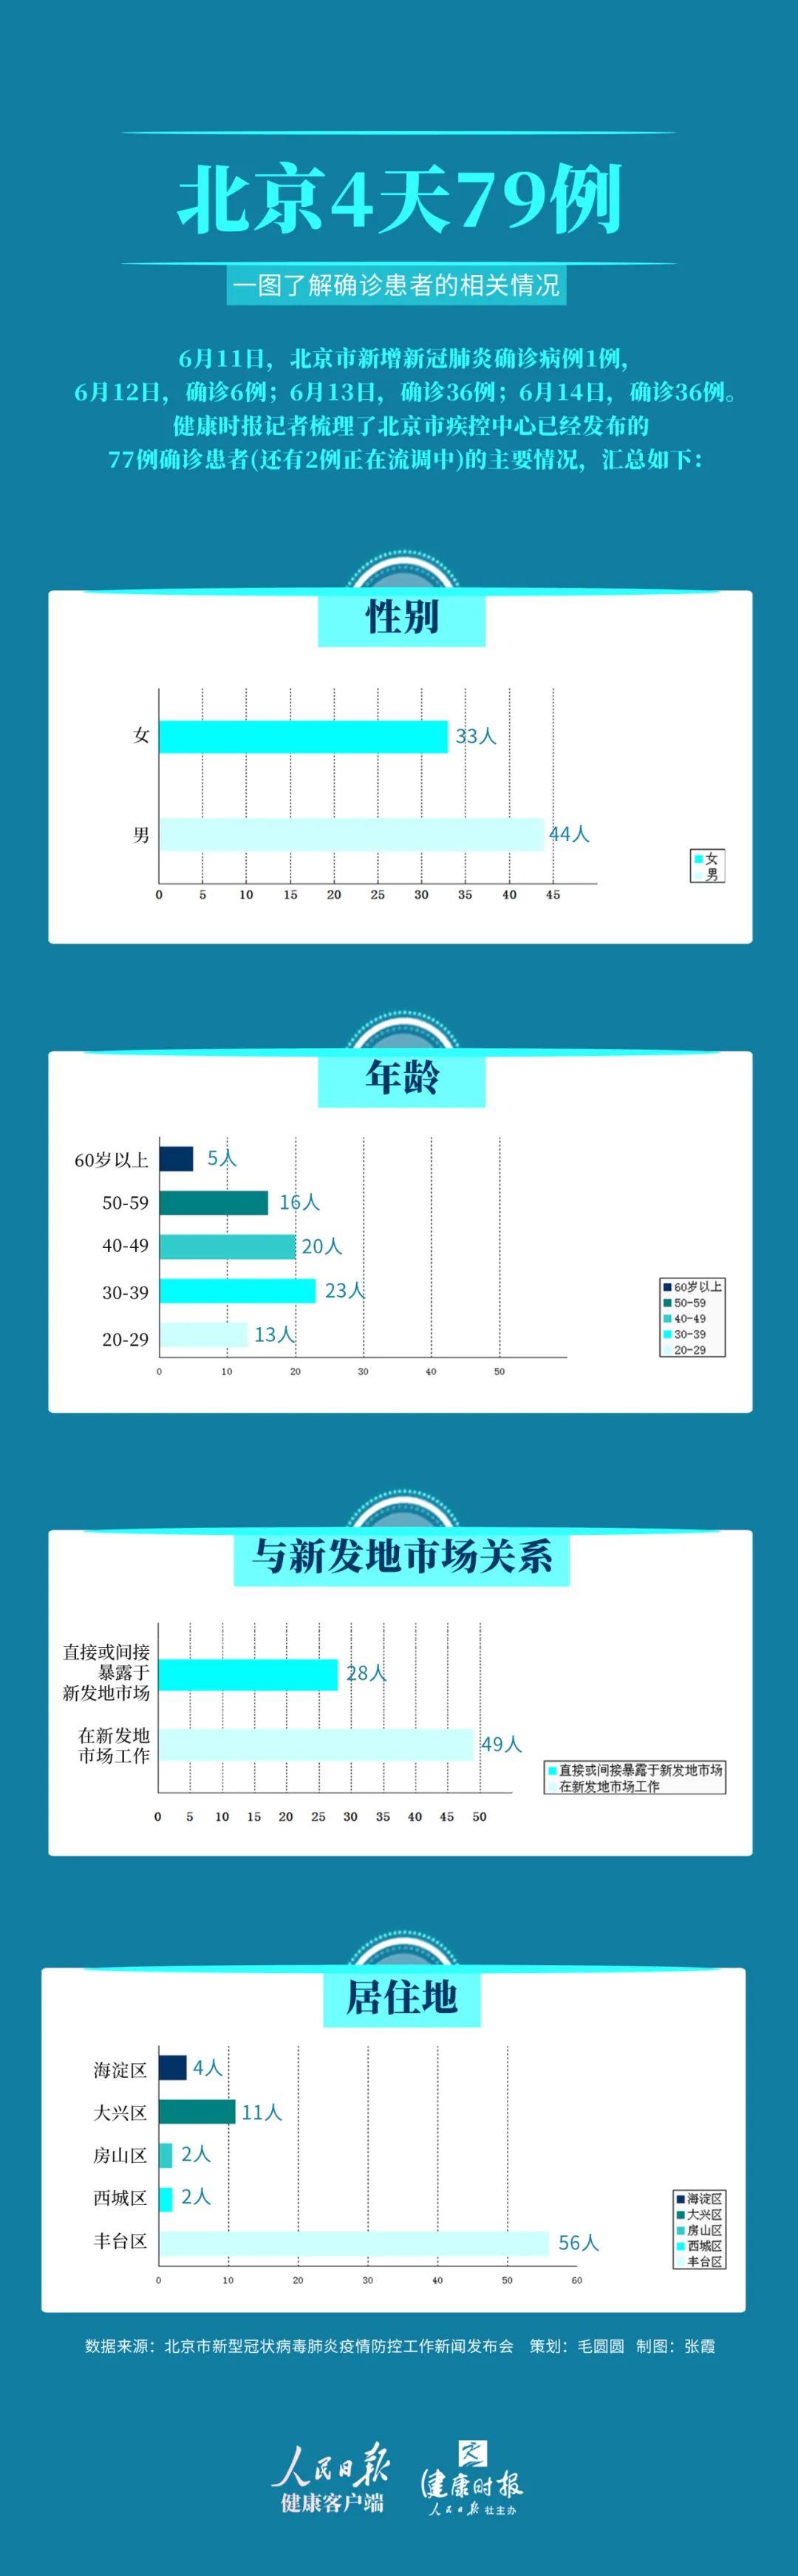 贏咖3天7贏咖39例疾控專家北京這圖片